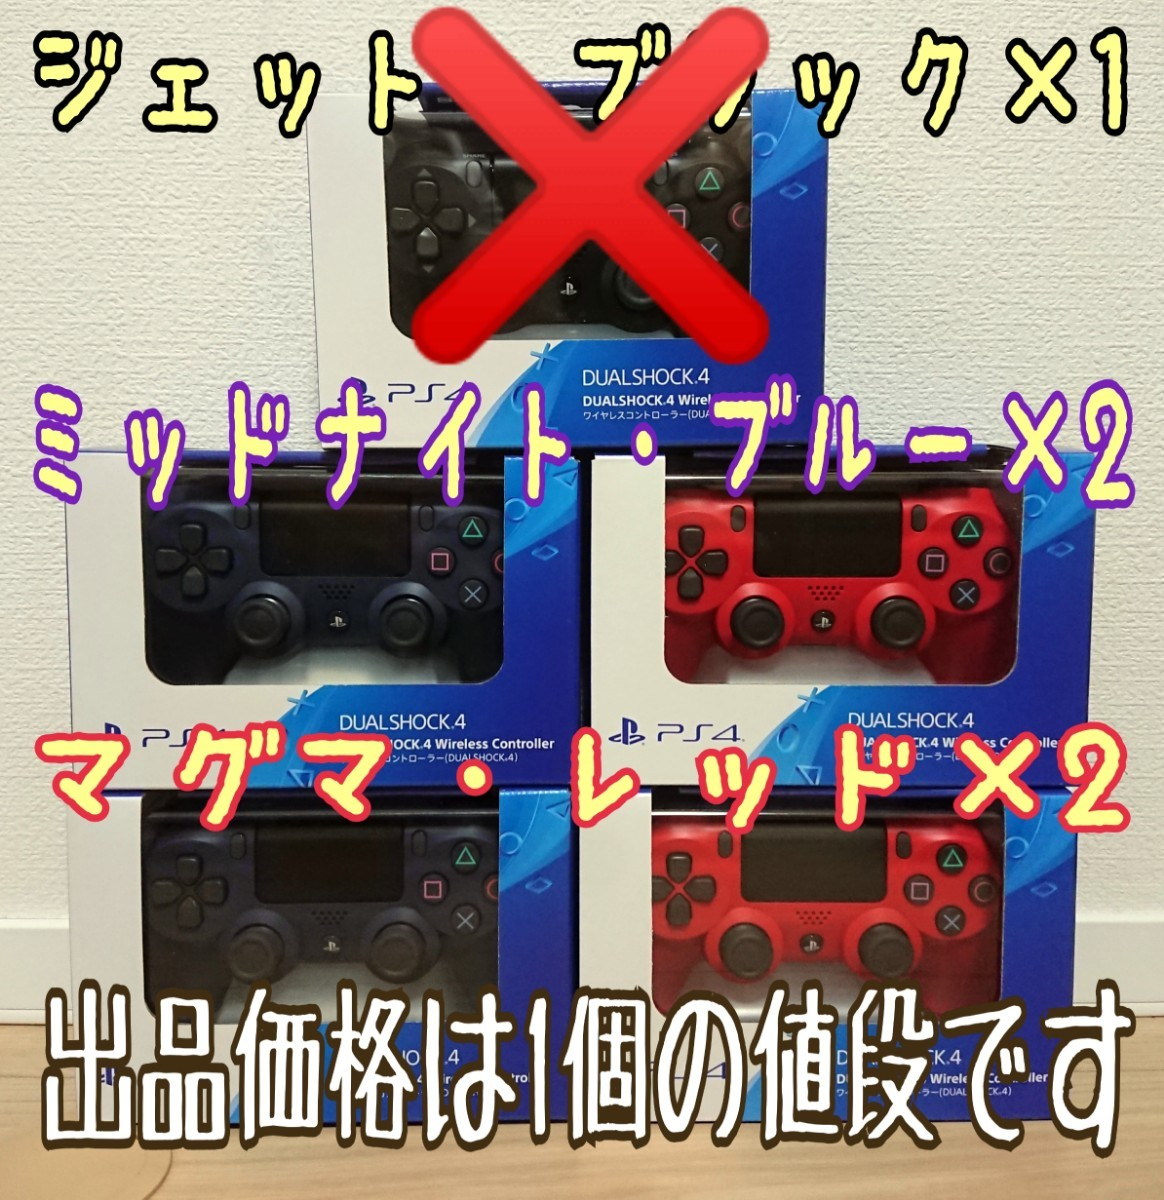 【最安値!】 ワイヤレスコントローラー DUALSHOCK 4 ミッドナイト・ブルー マグマ・レッド PlayStation 4